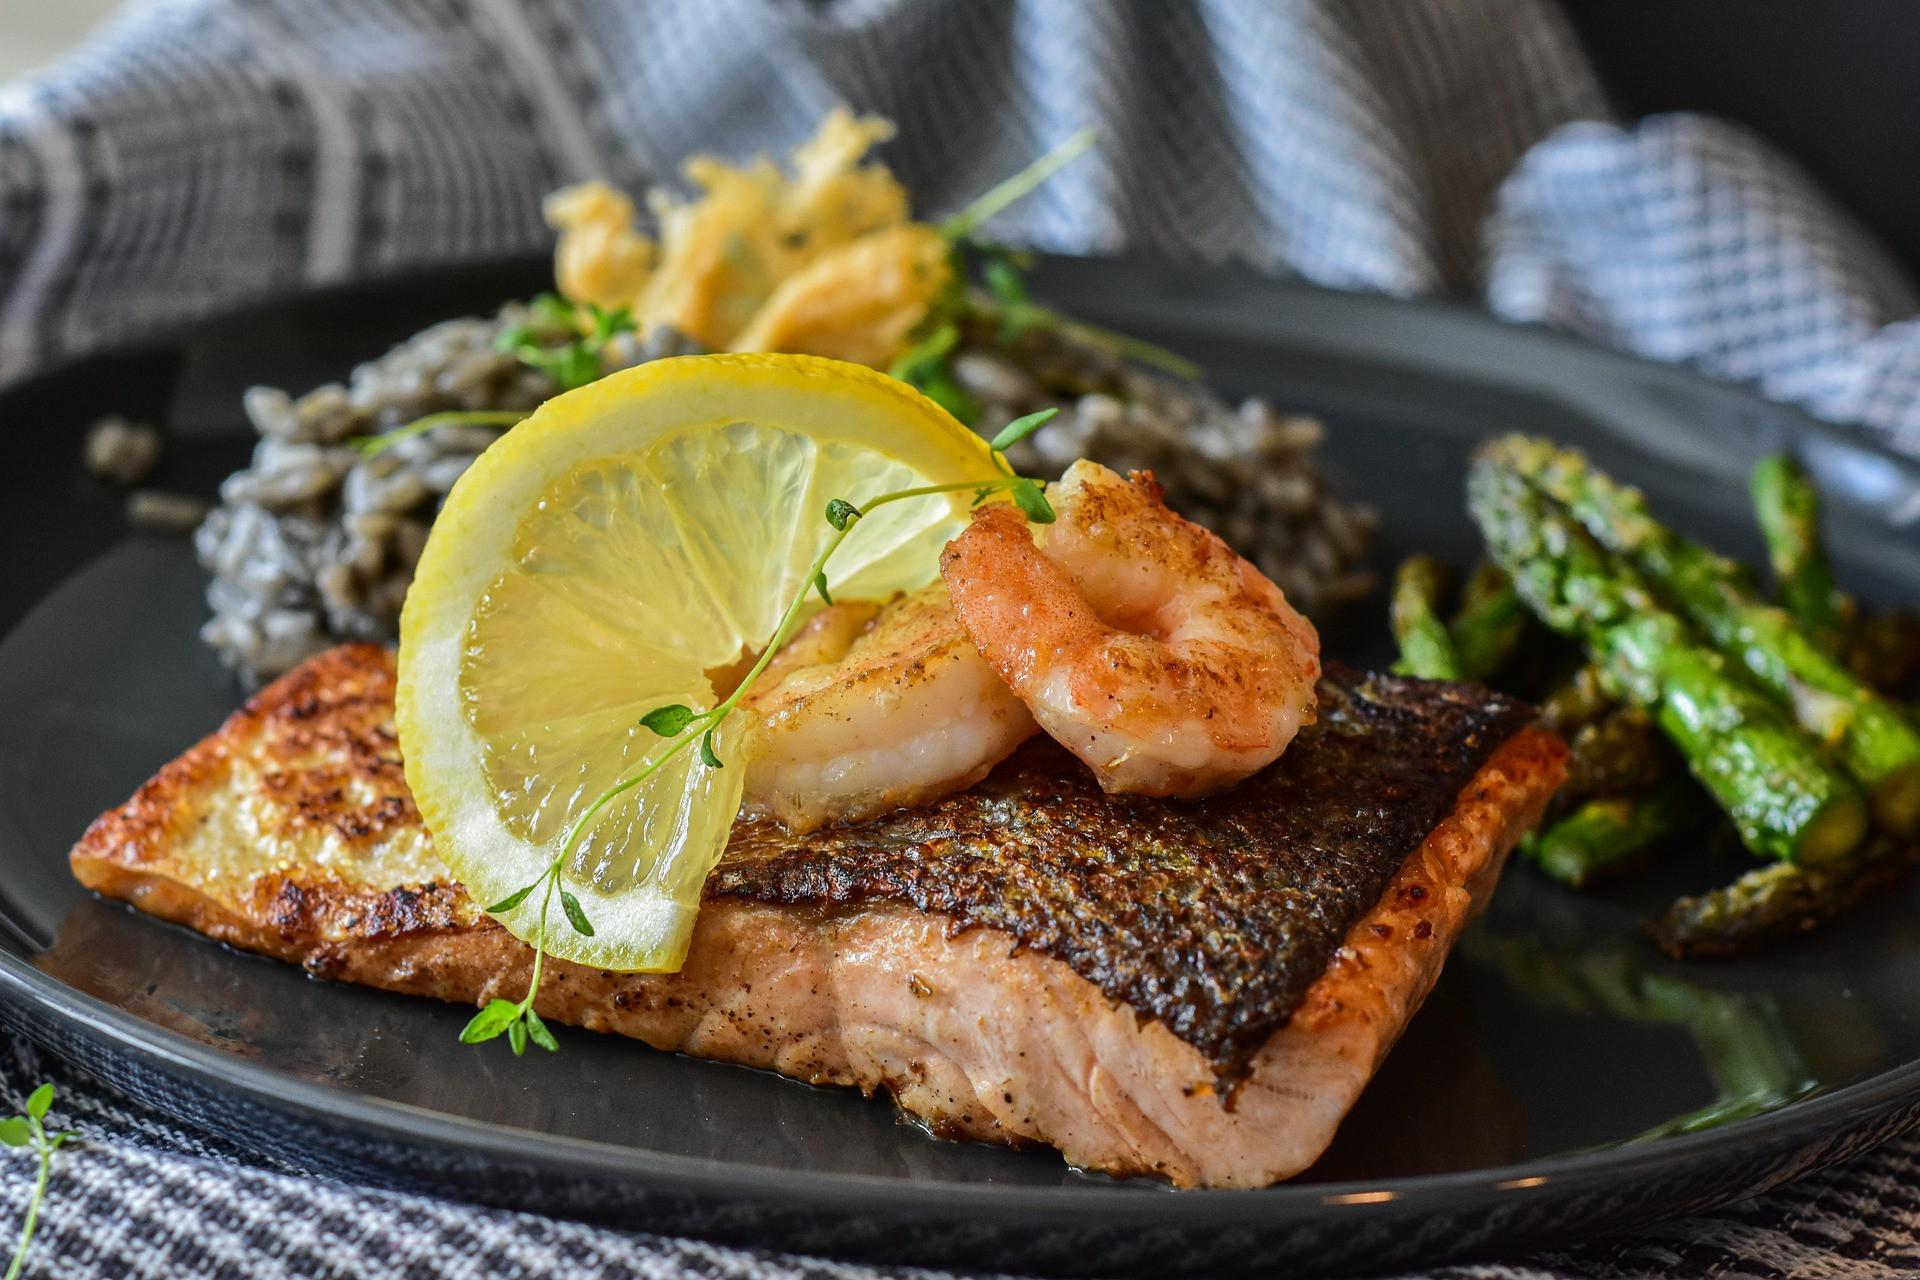 4 Makanan Ini Ampuh Atasi Kulit Kering - JPNN.com